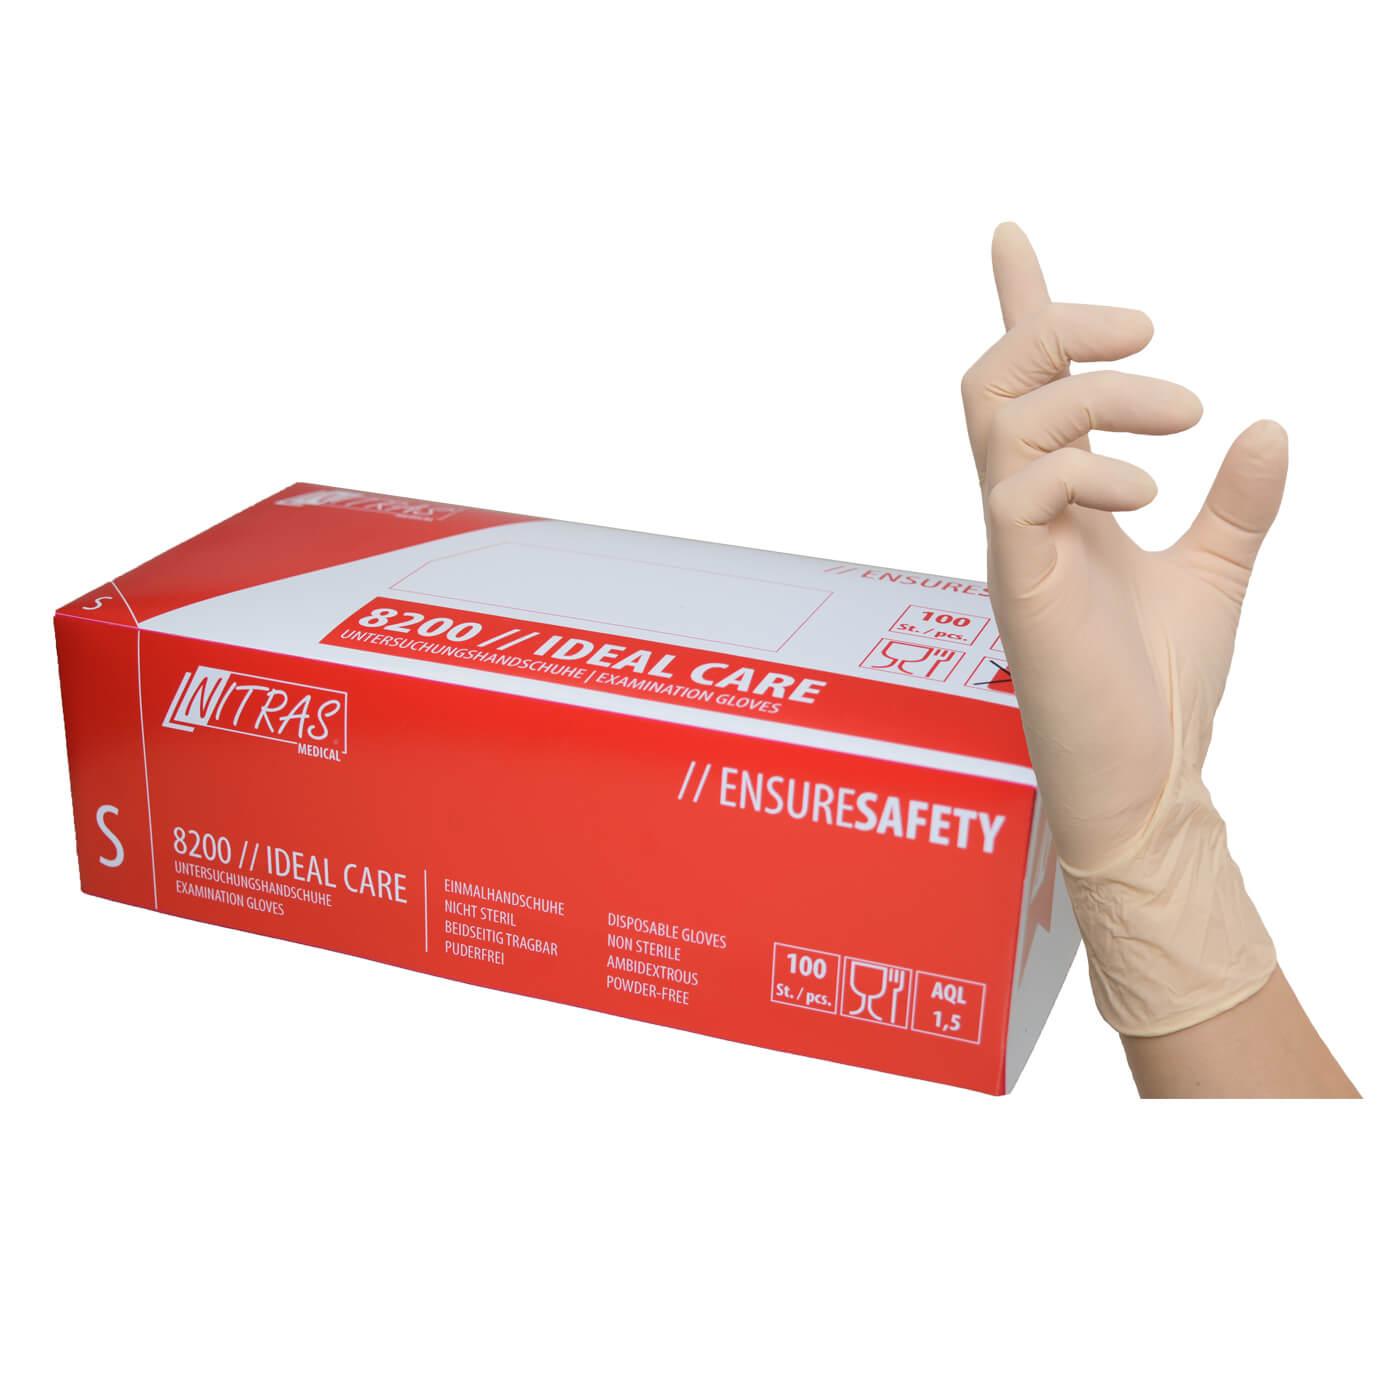 Rękawice jednorazowe Nitras 8200 IDEAL CARE